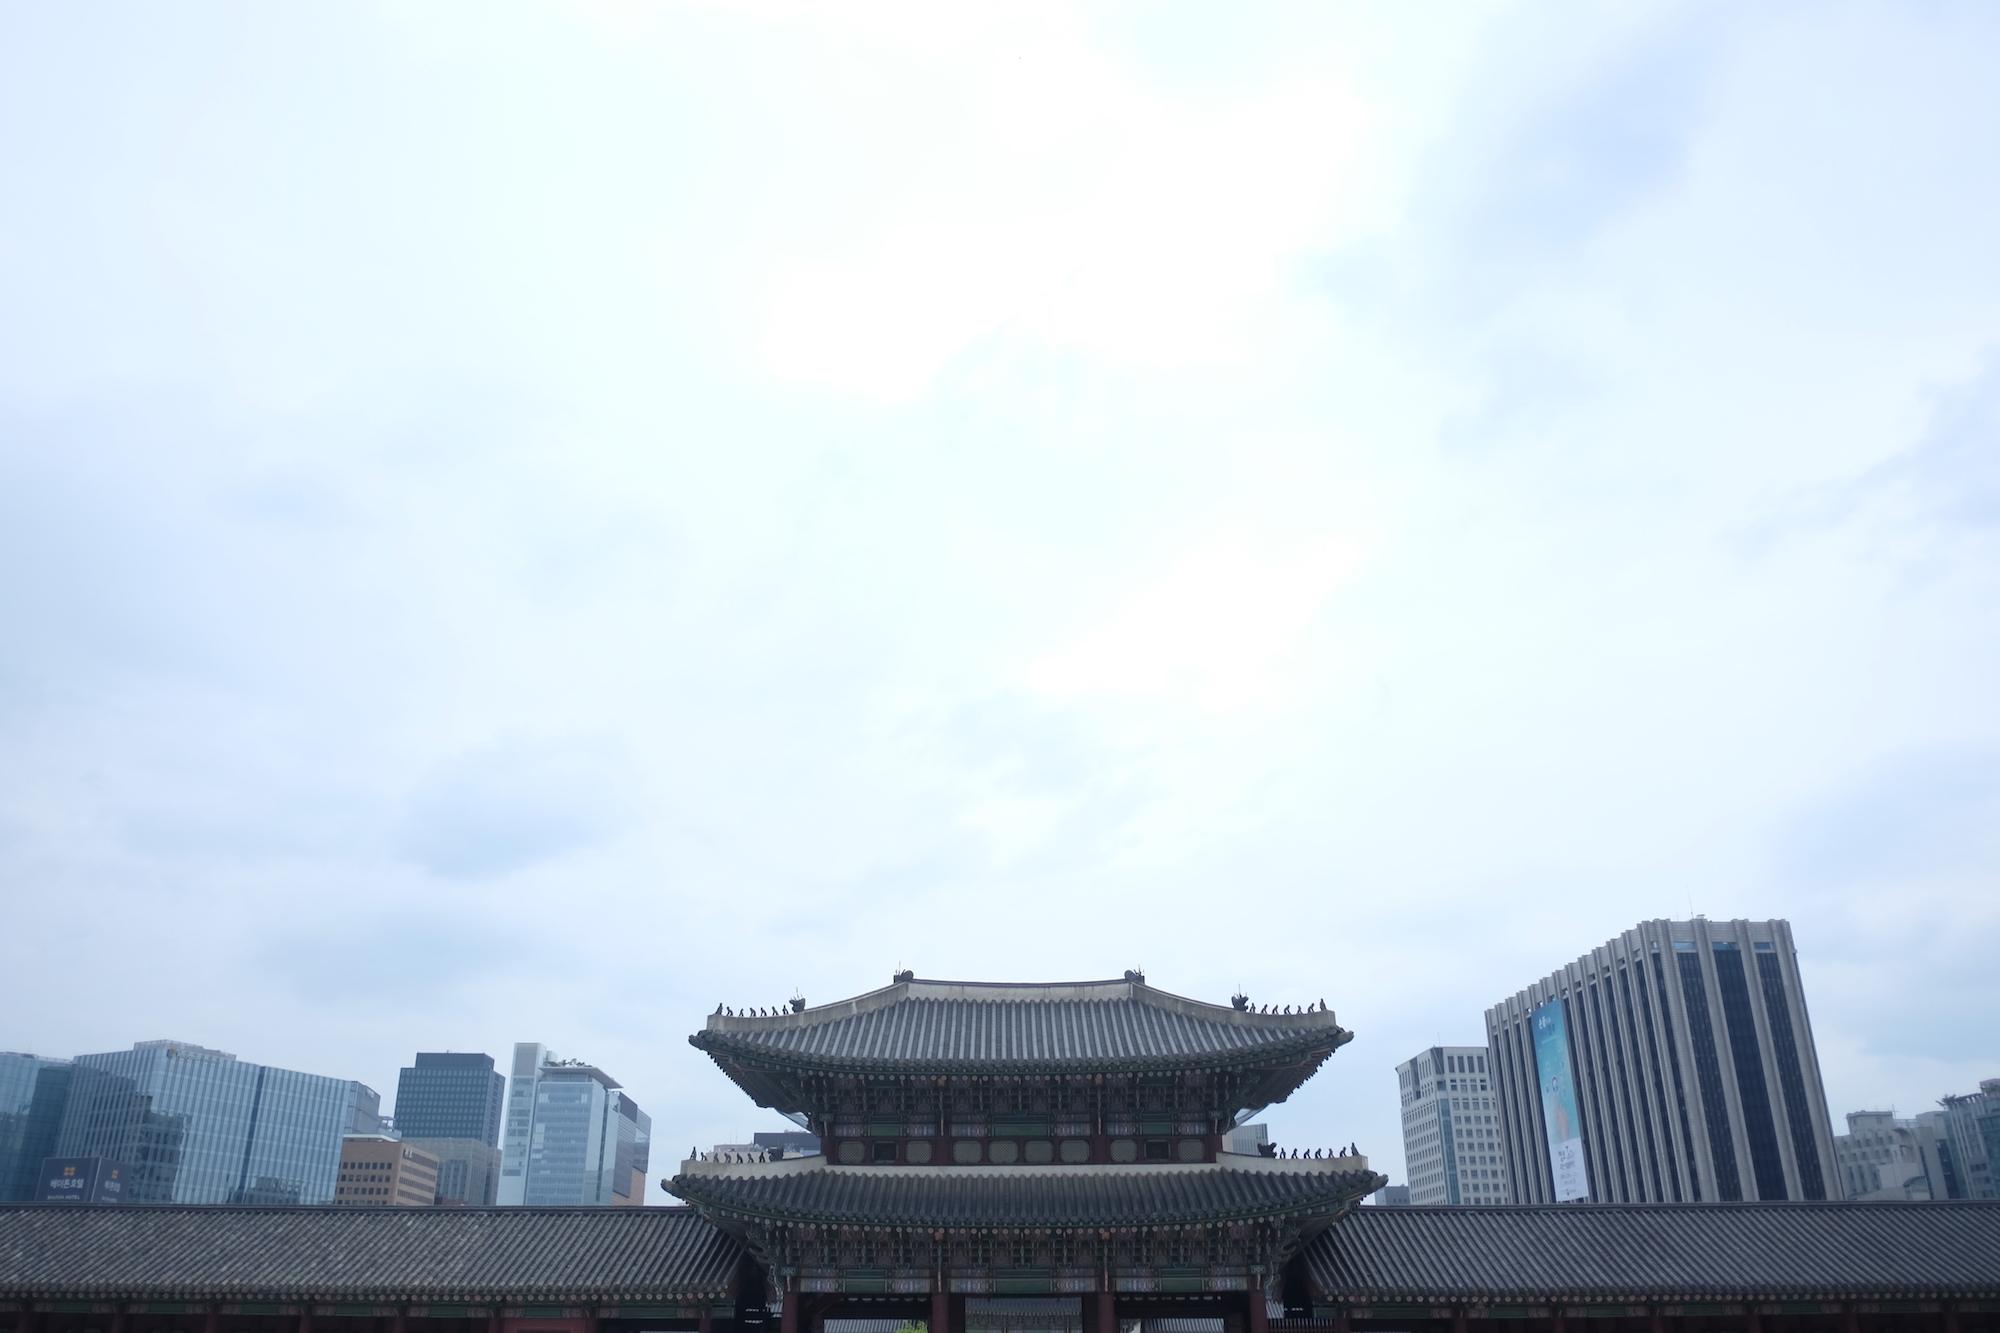 Coreeseoul00068